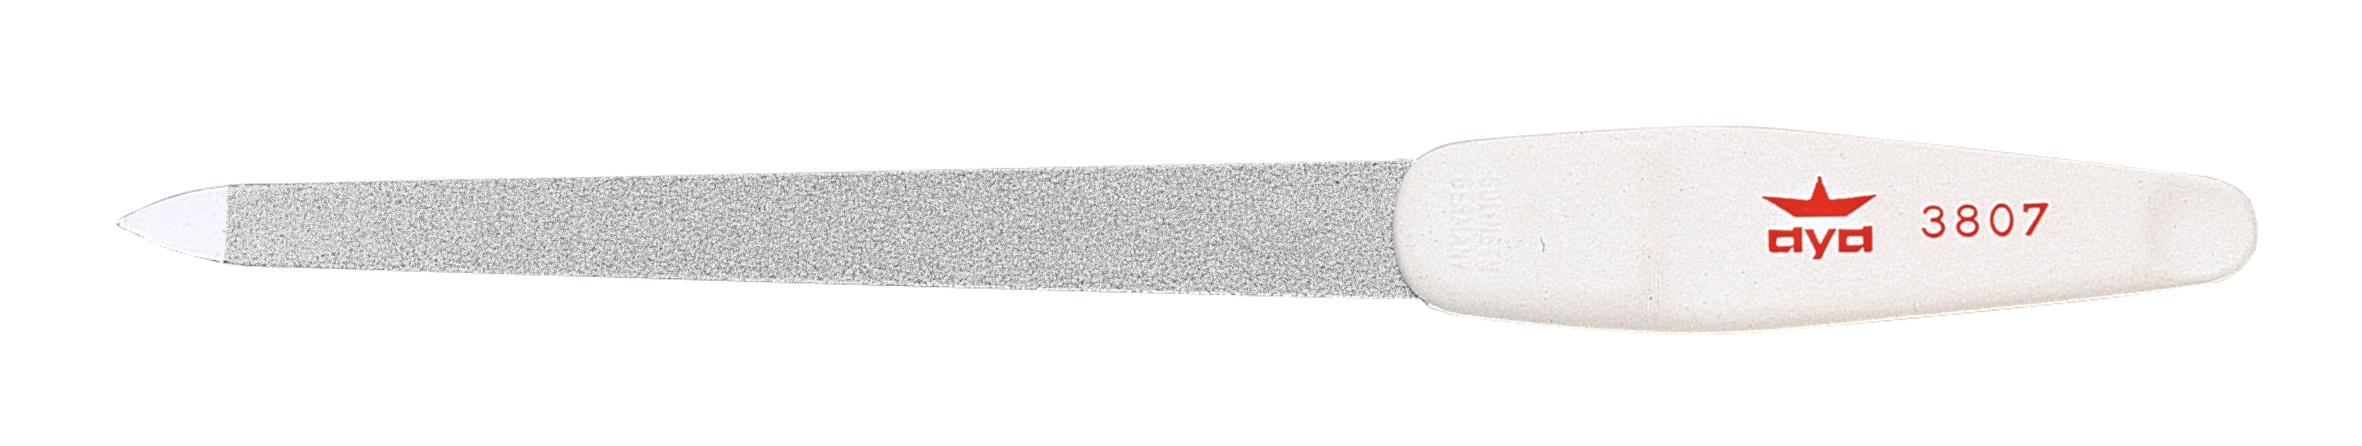 Becker-Manicure AYA Пилочка для ногтей 18см. 9380793807Пилочка двусторонняя, с одной стороны сапфировое напыление более крупное для придания ногтю формы, с другой более мелкое для завершения шлифовки ногтя.Длина пилочки 18 смХранить в сухом недоступном для детей месте.Срок годности не ограничен.Замена изделия не осуществляется в следующих случаях:- Использование не по назначению- Самостоятельный ремонт- Нарушение условий хранения